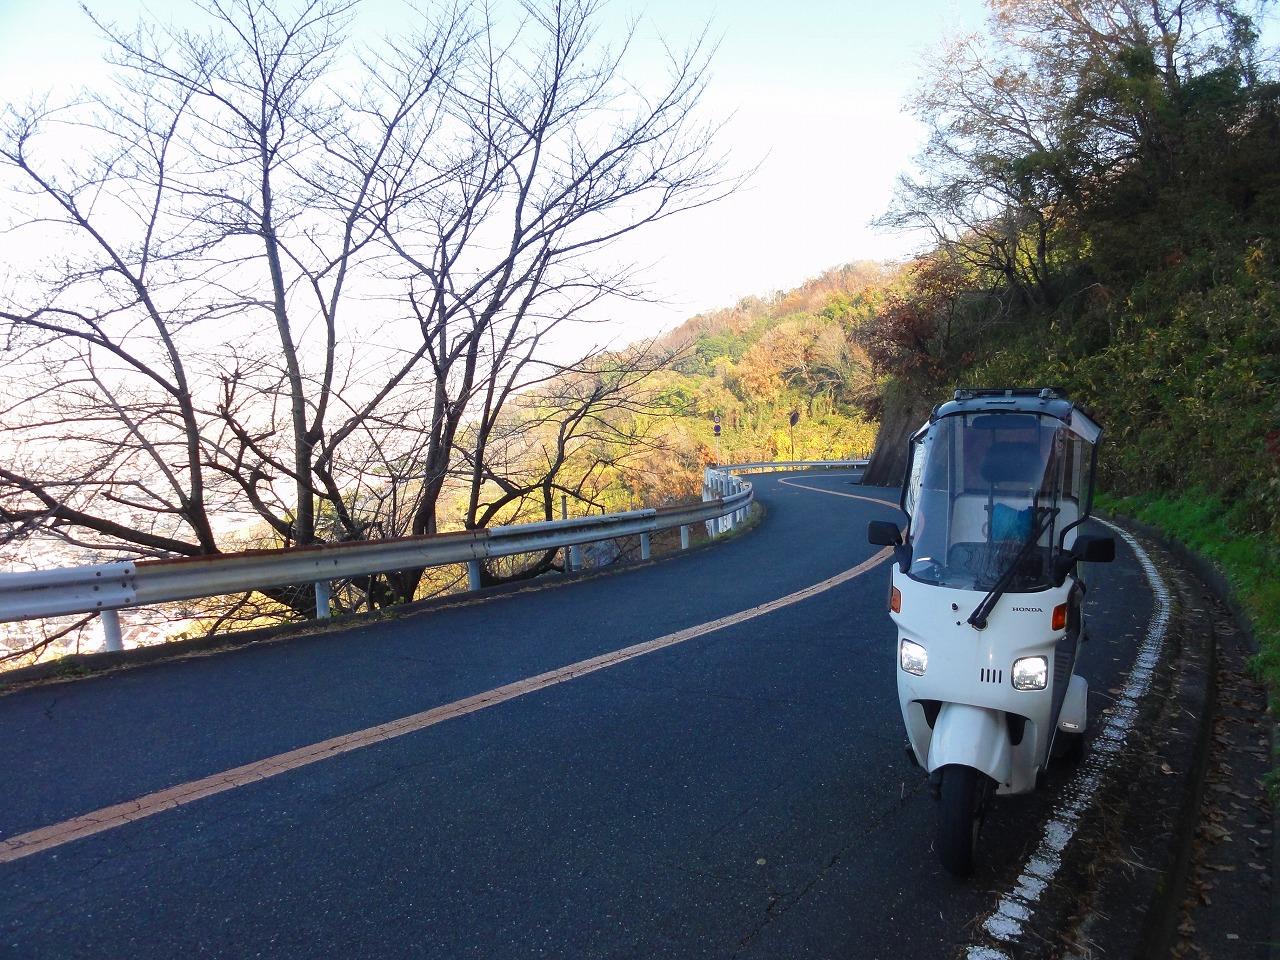 ジャイロキャノピーで信貴山行った。(二輪車通行禁止箇所)